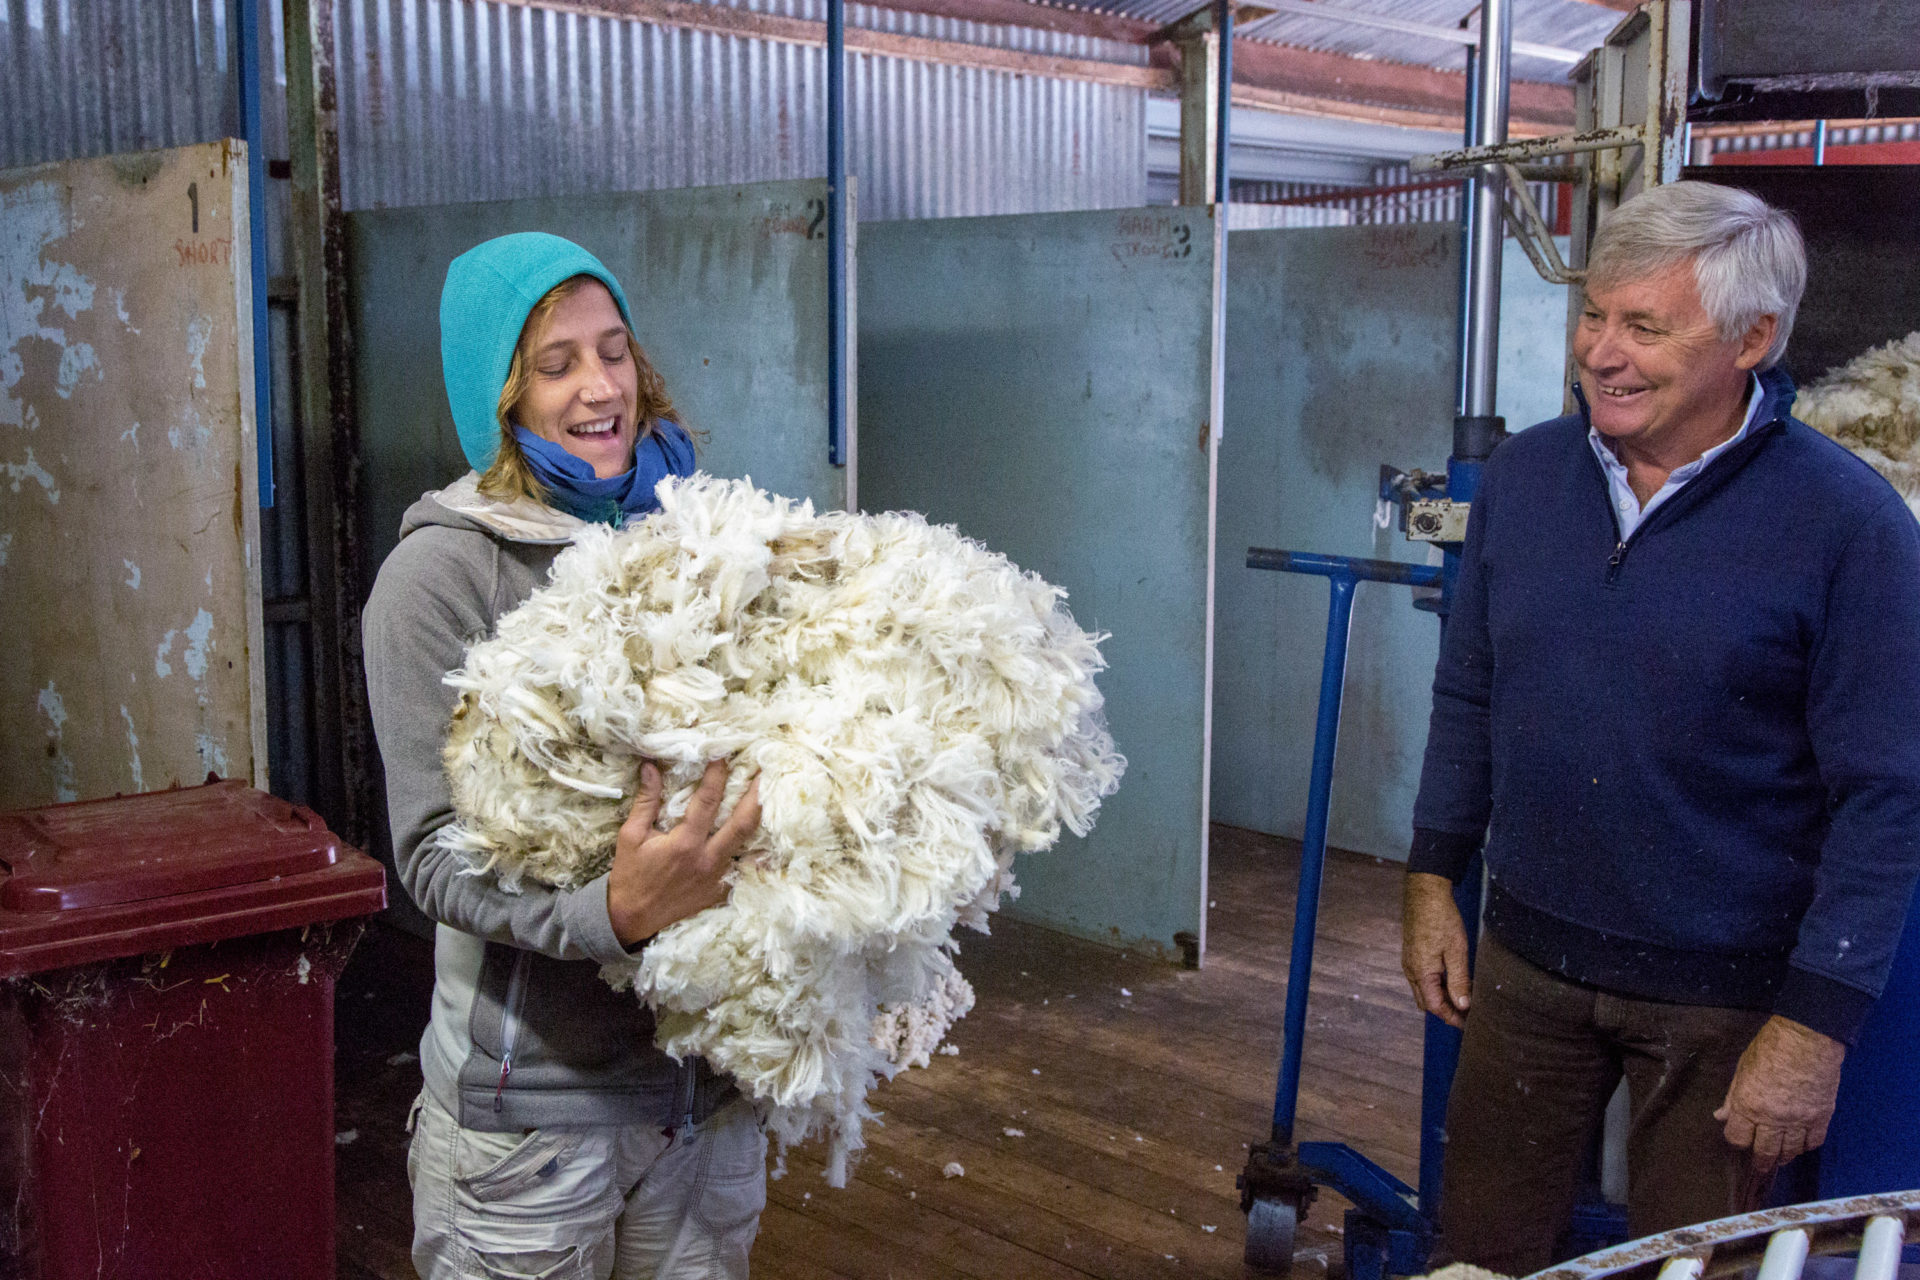 Schafe scheren in Australien – Ein Selbstversuch